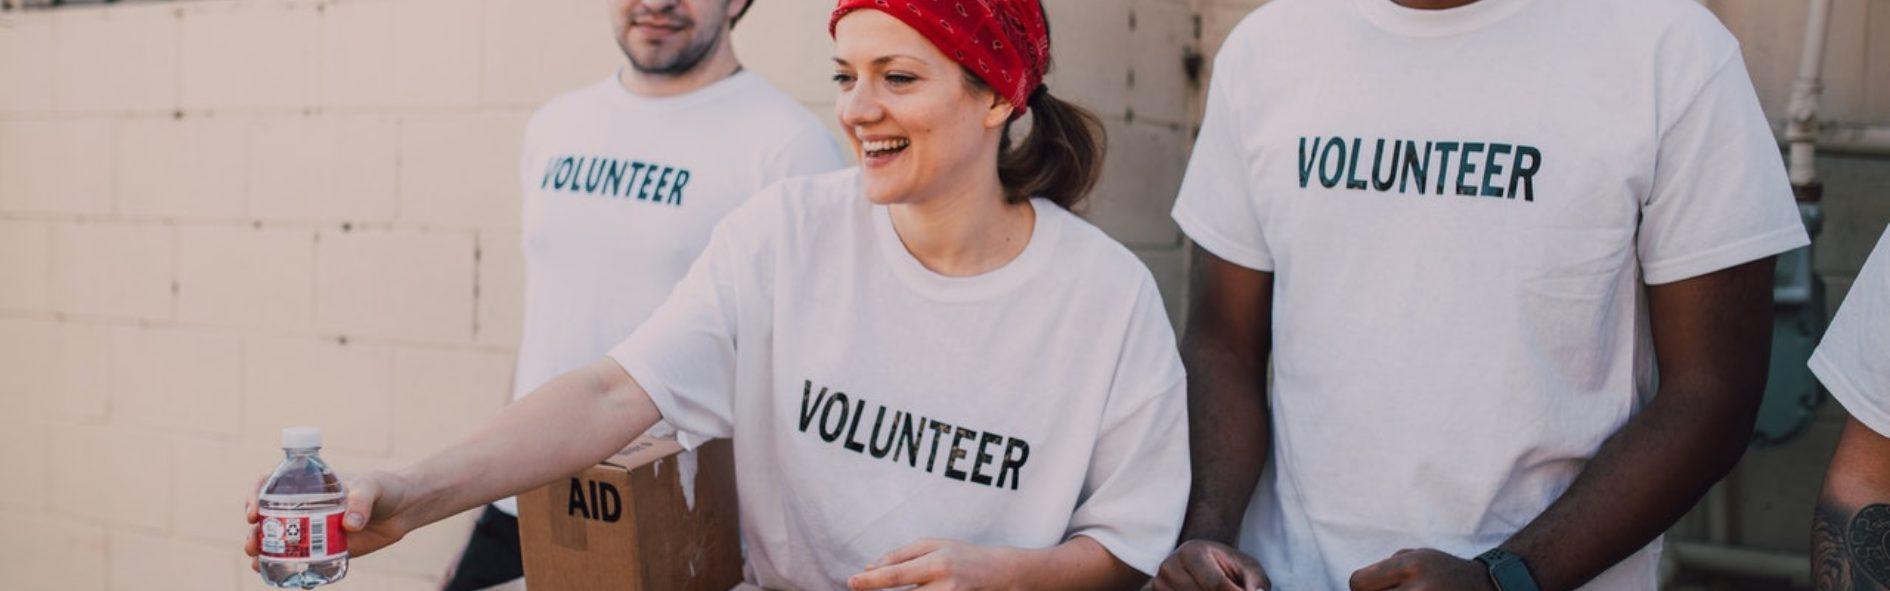 Descubre el voluntariado internacional y los tipos de programas que hay